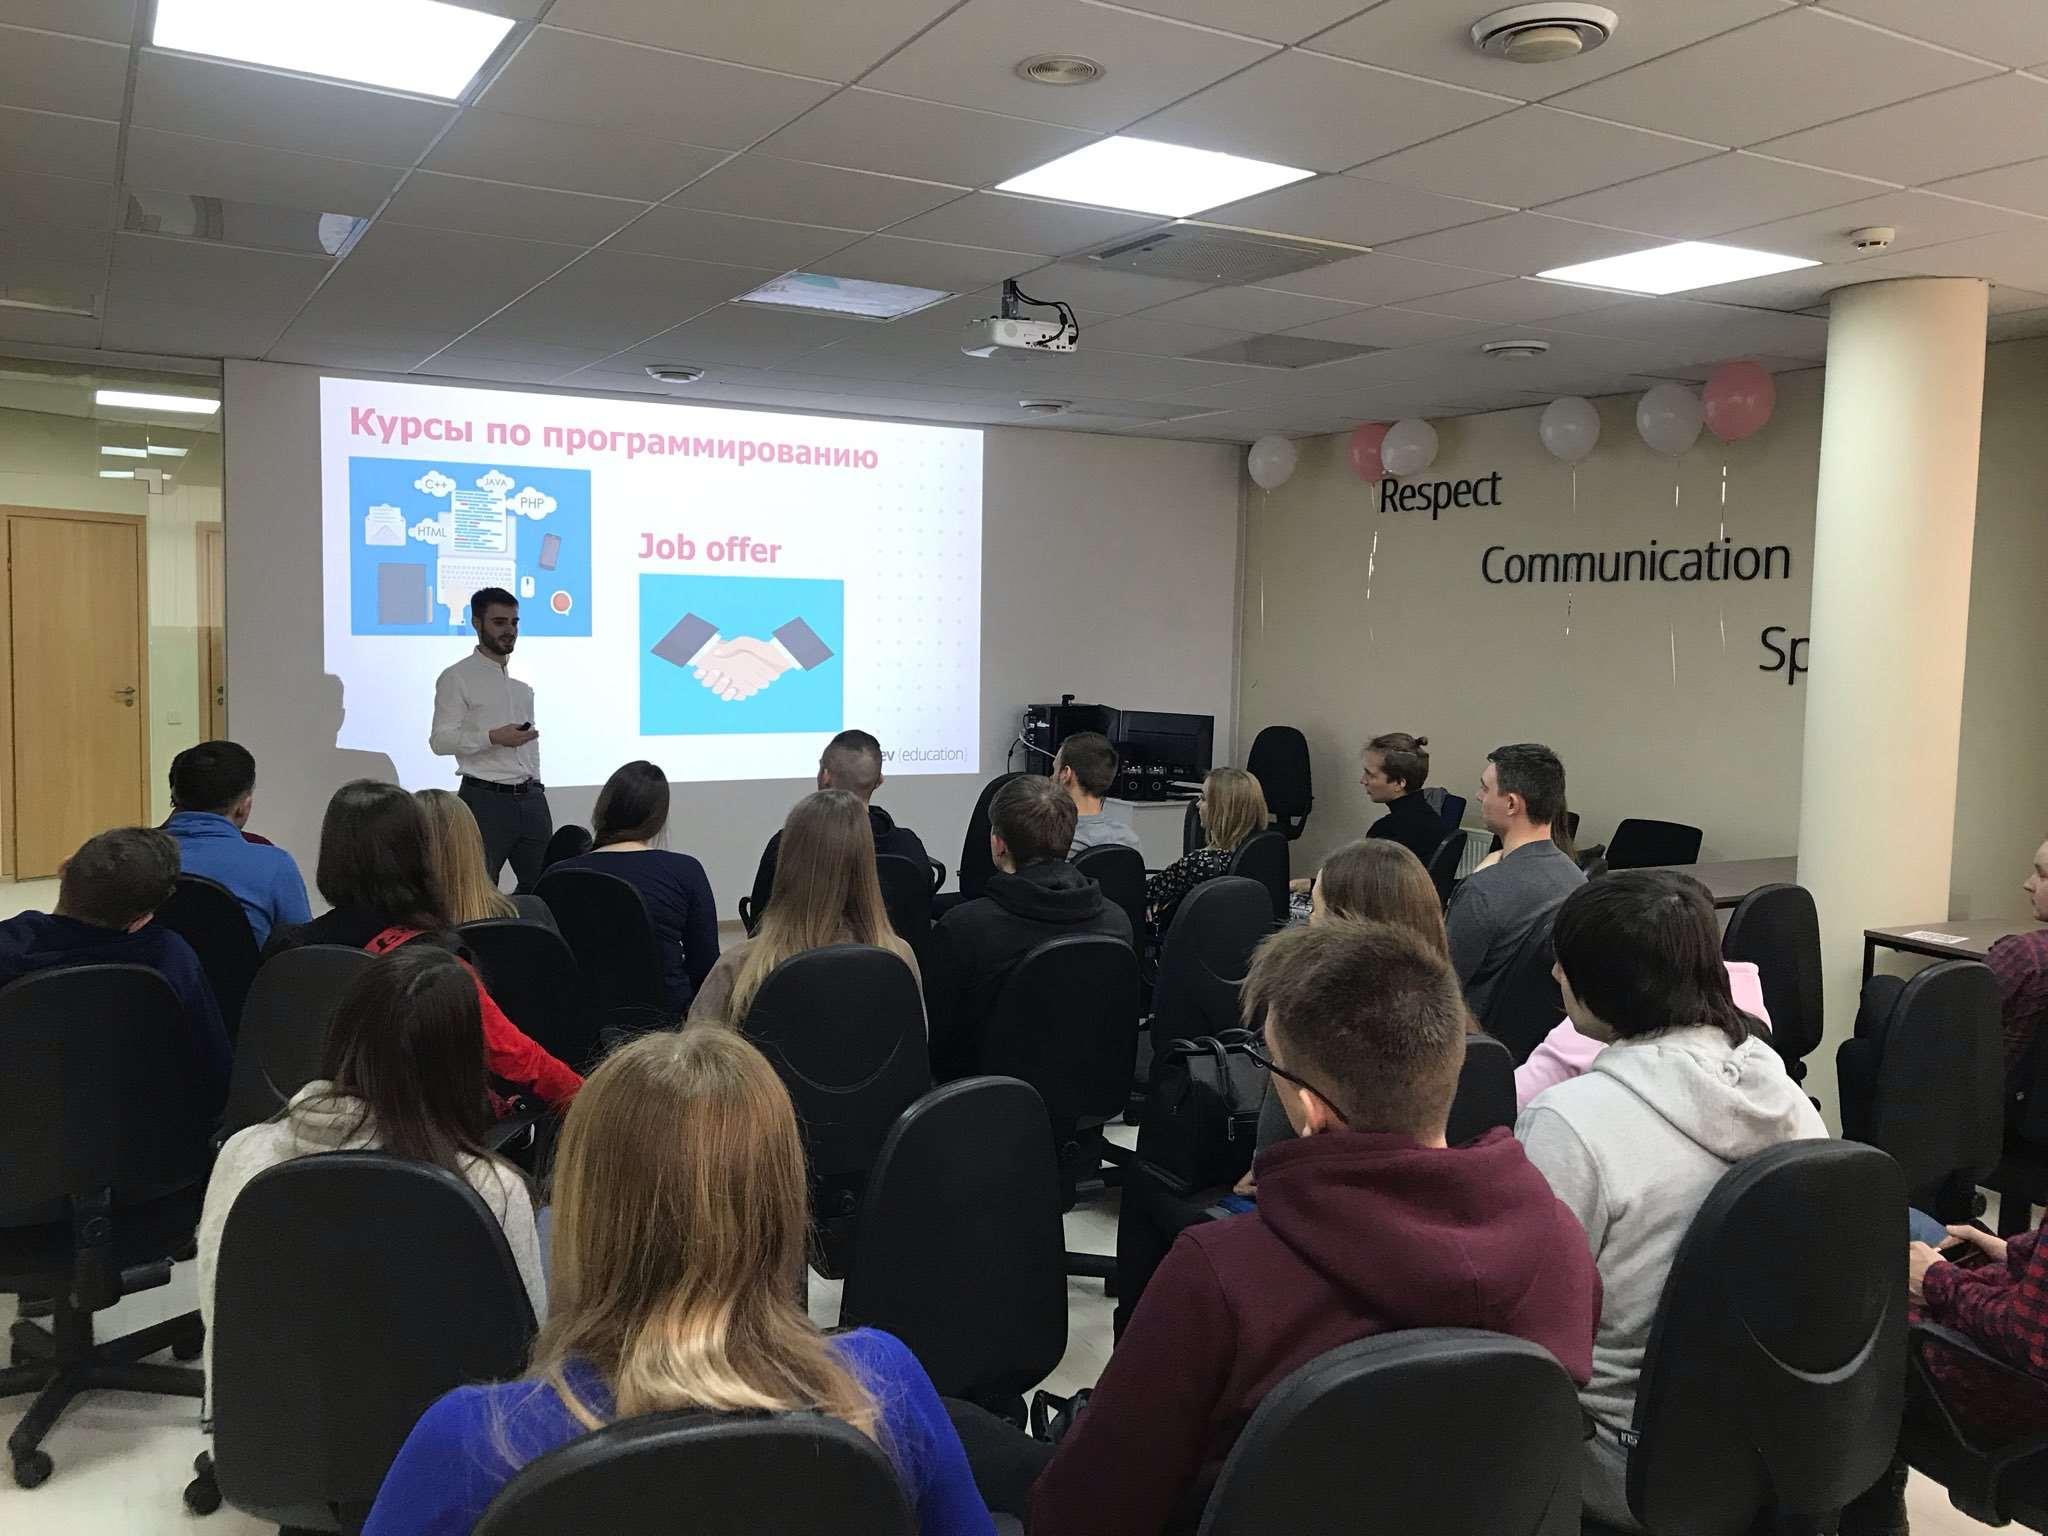 Колледж DevEducation открылся в Харькове